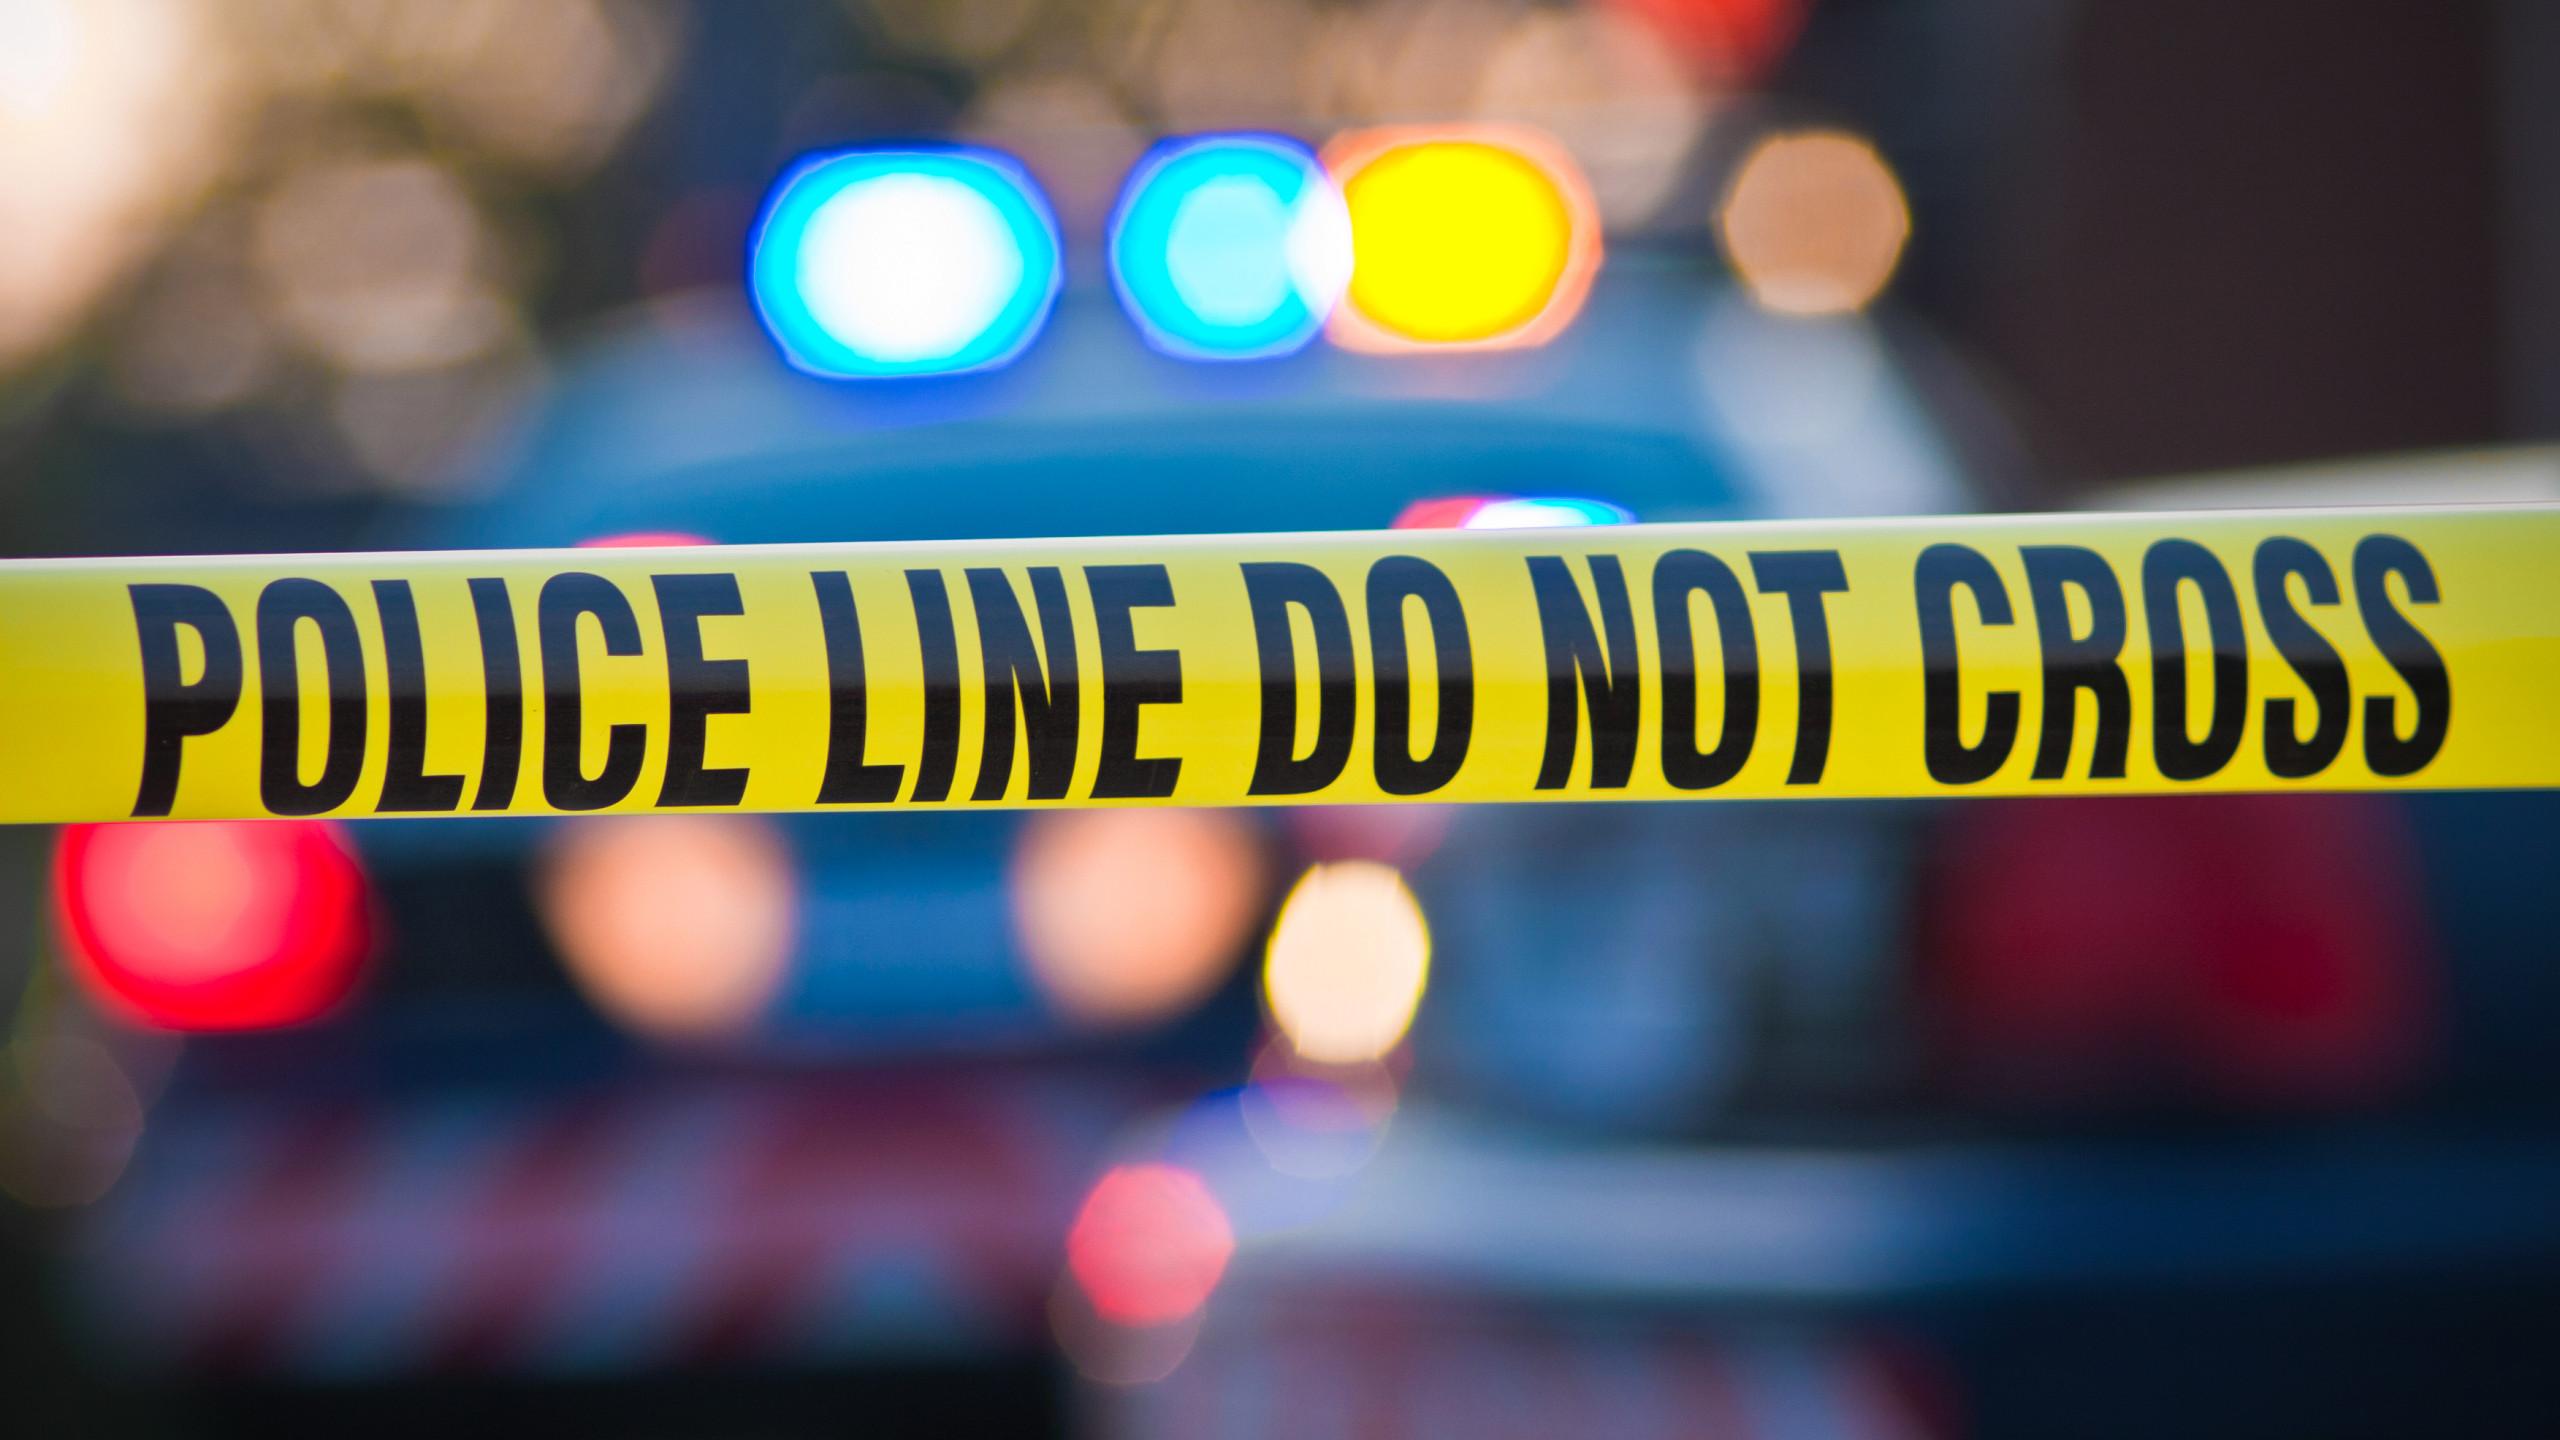 ახალქალაქში რამდენიმე პირს შორის დაპირისპირება მოხდა, მოკლულია ახალგაზრდა მამაკაცი